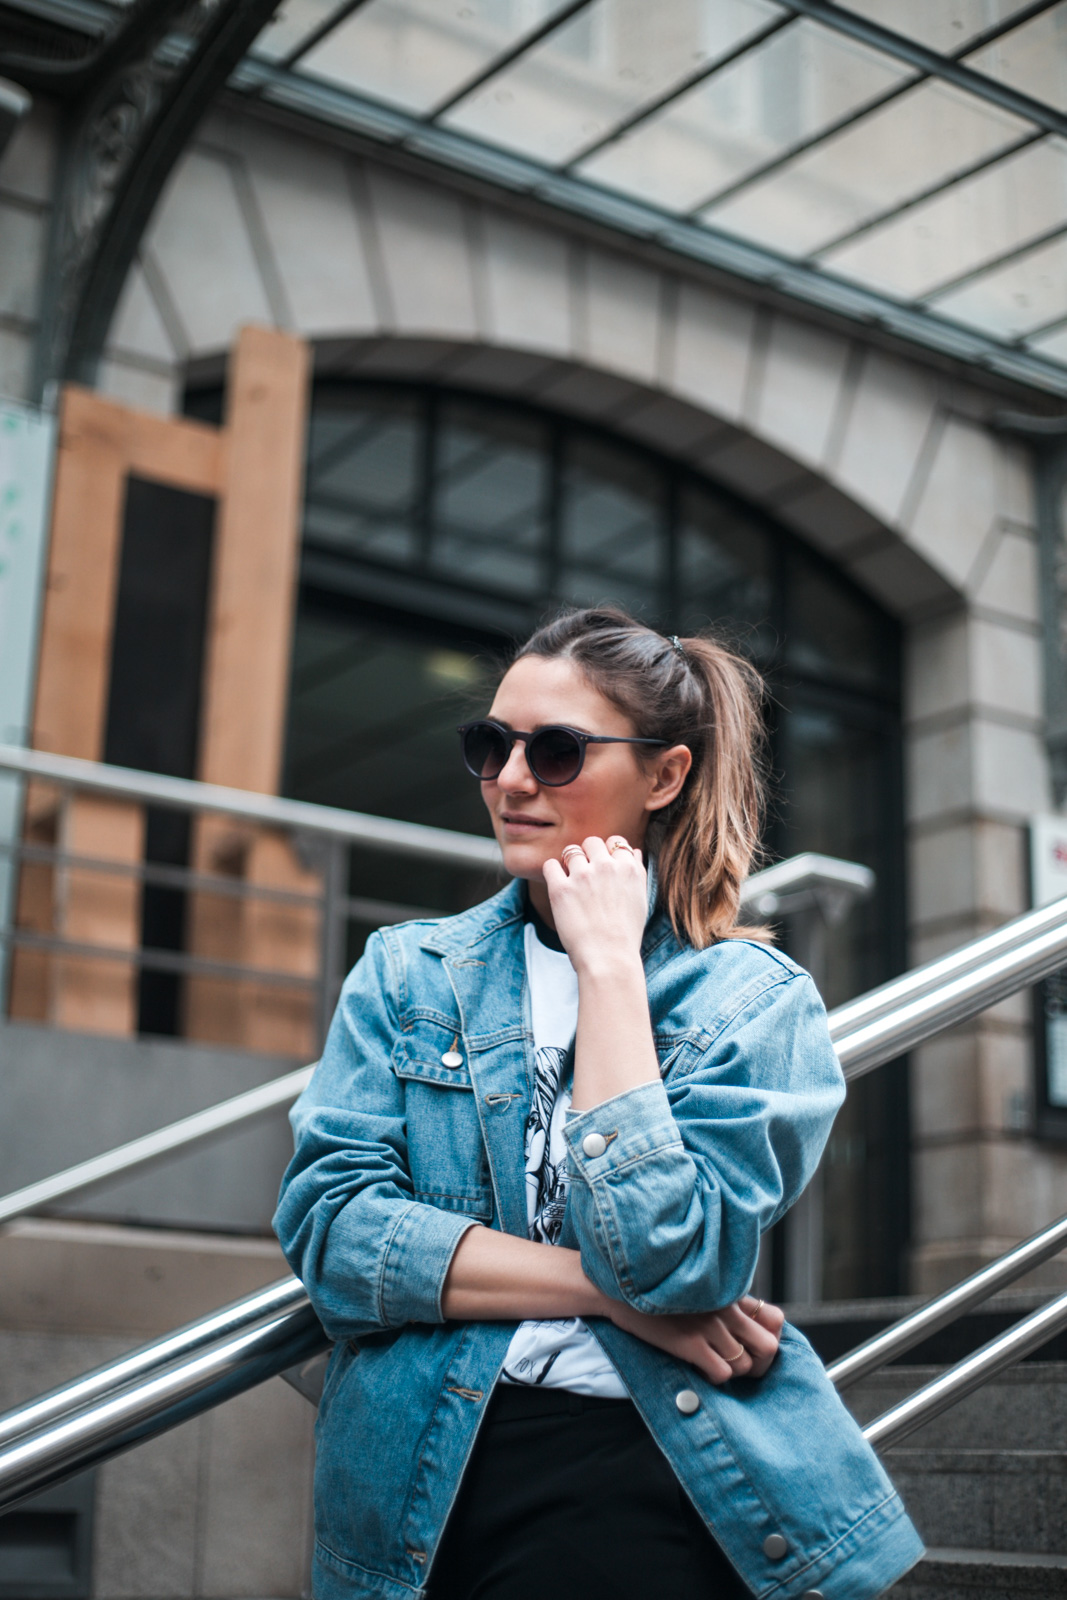 comment porter les lunettes de soleil en hiver blog mode tendance les caprices d iris